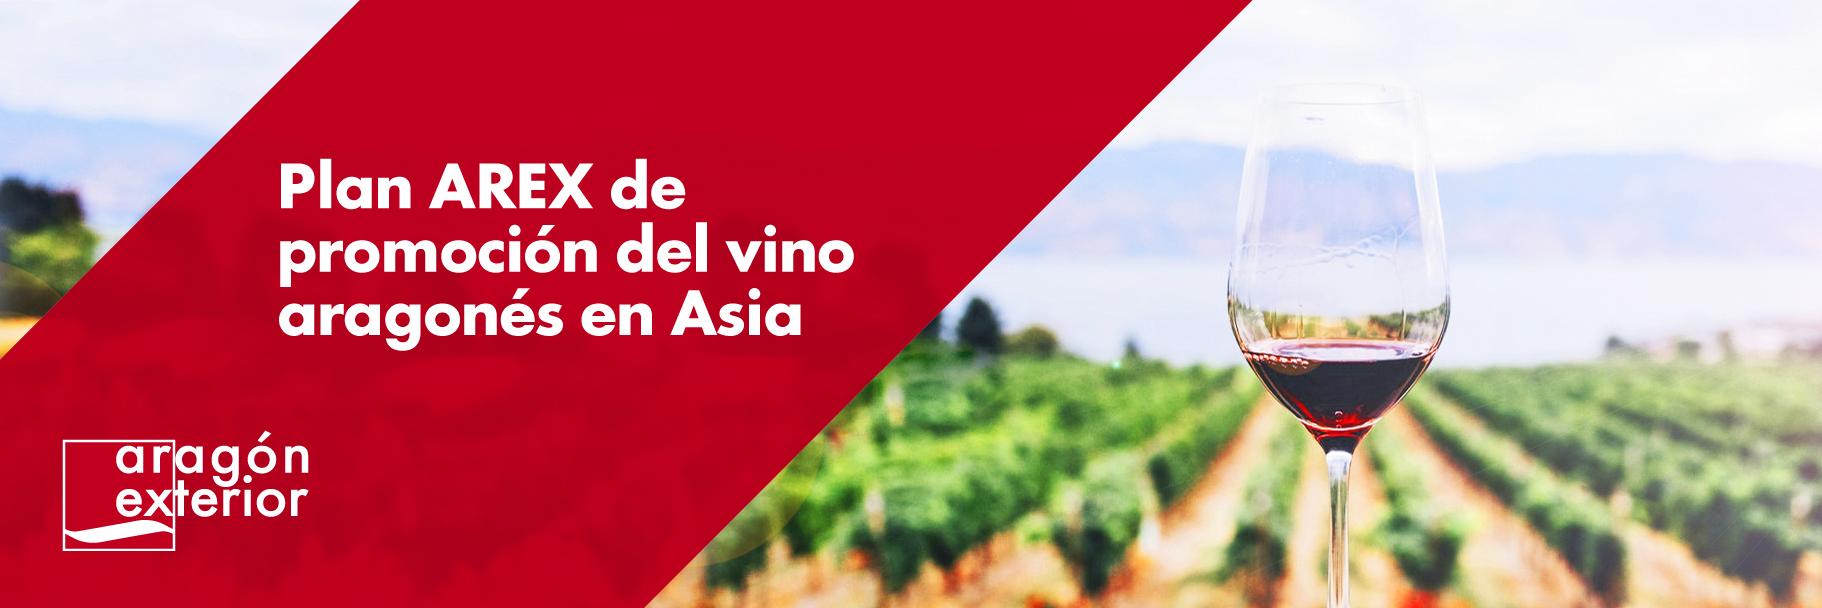 Convocatoria Programa de promoción del vino aragonés en Asia 2019